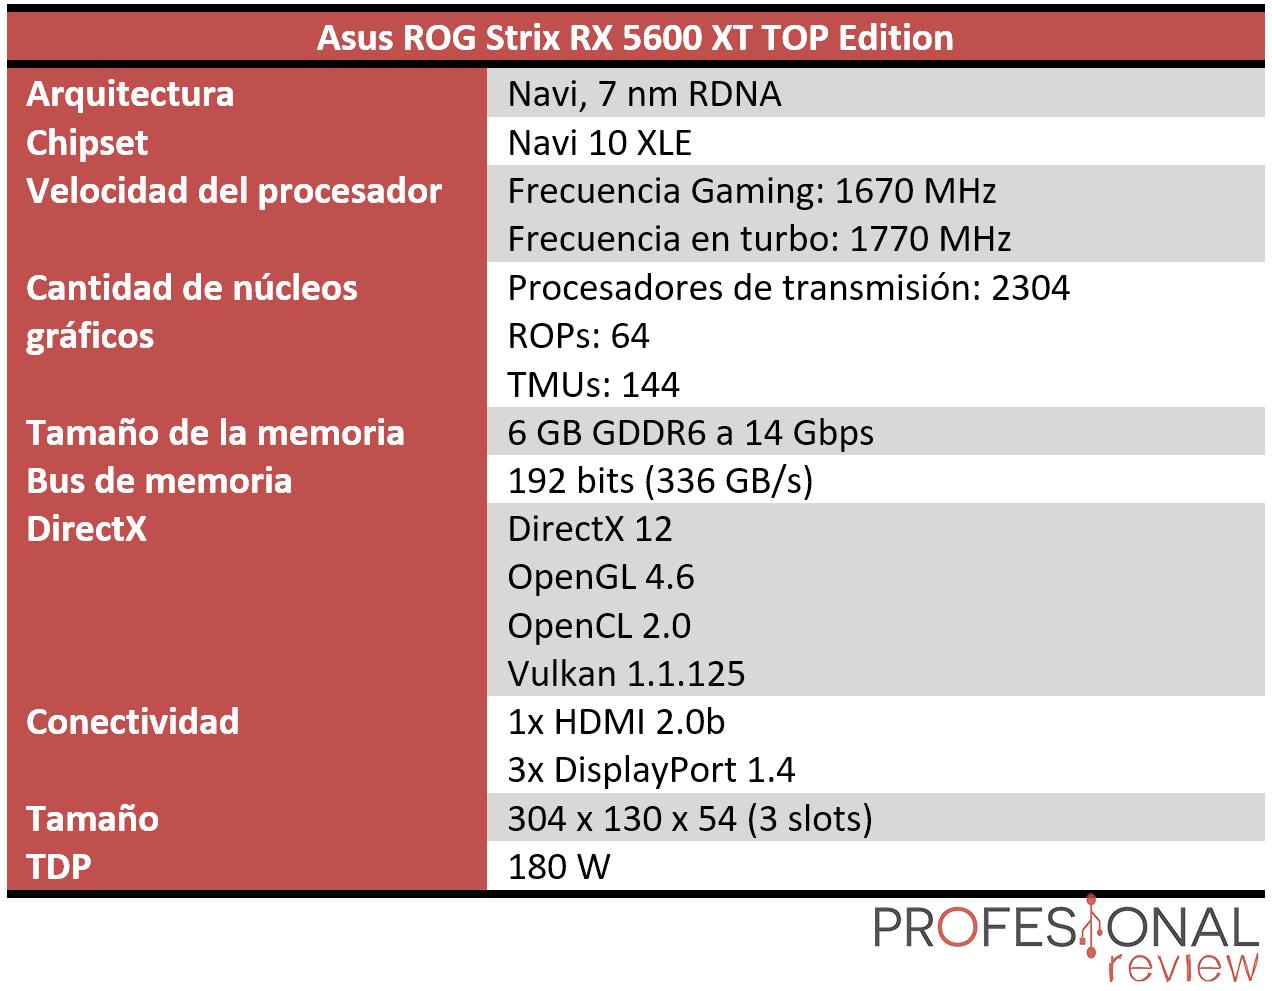 Asus ROG Strix RX 5600 XT TOP Edition Características